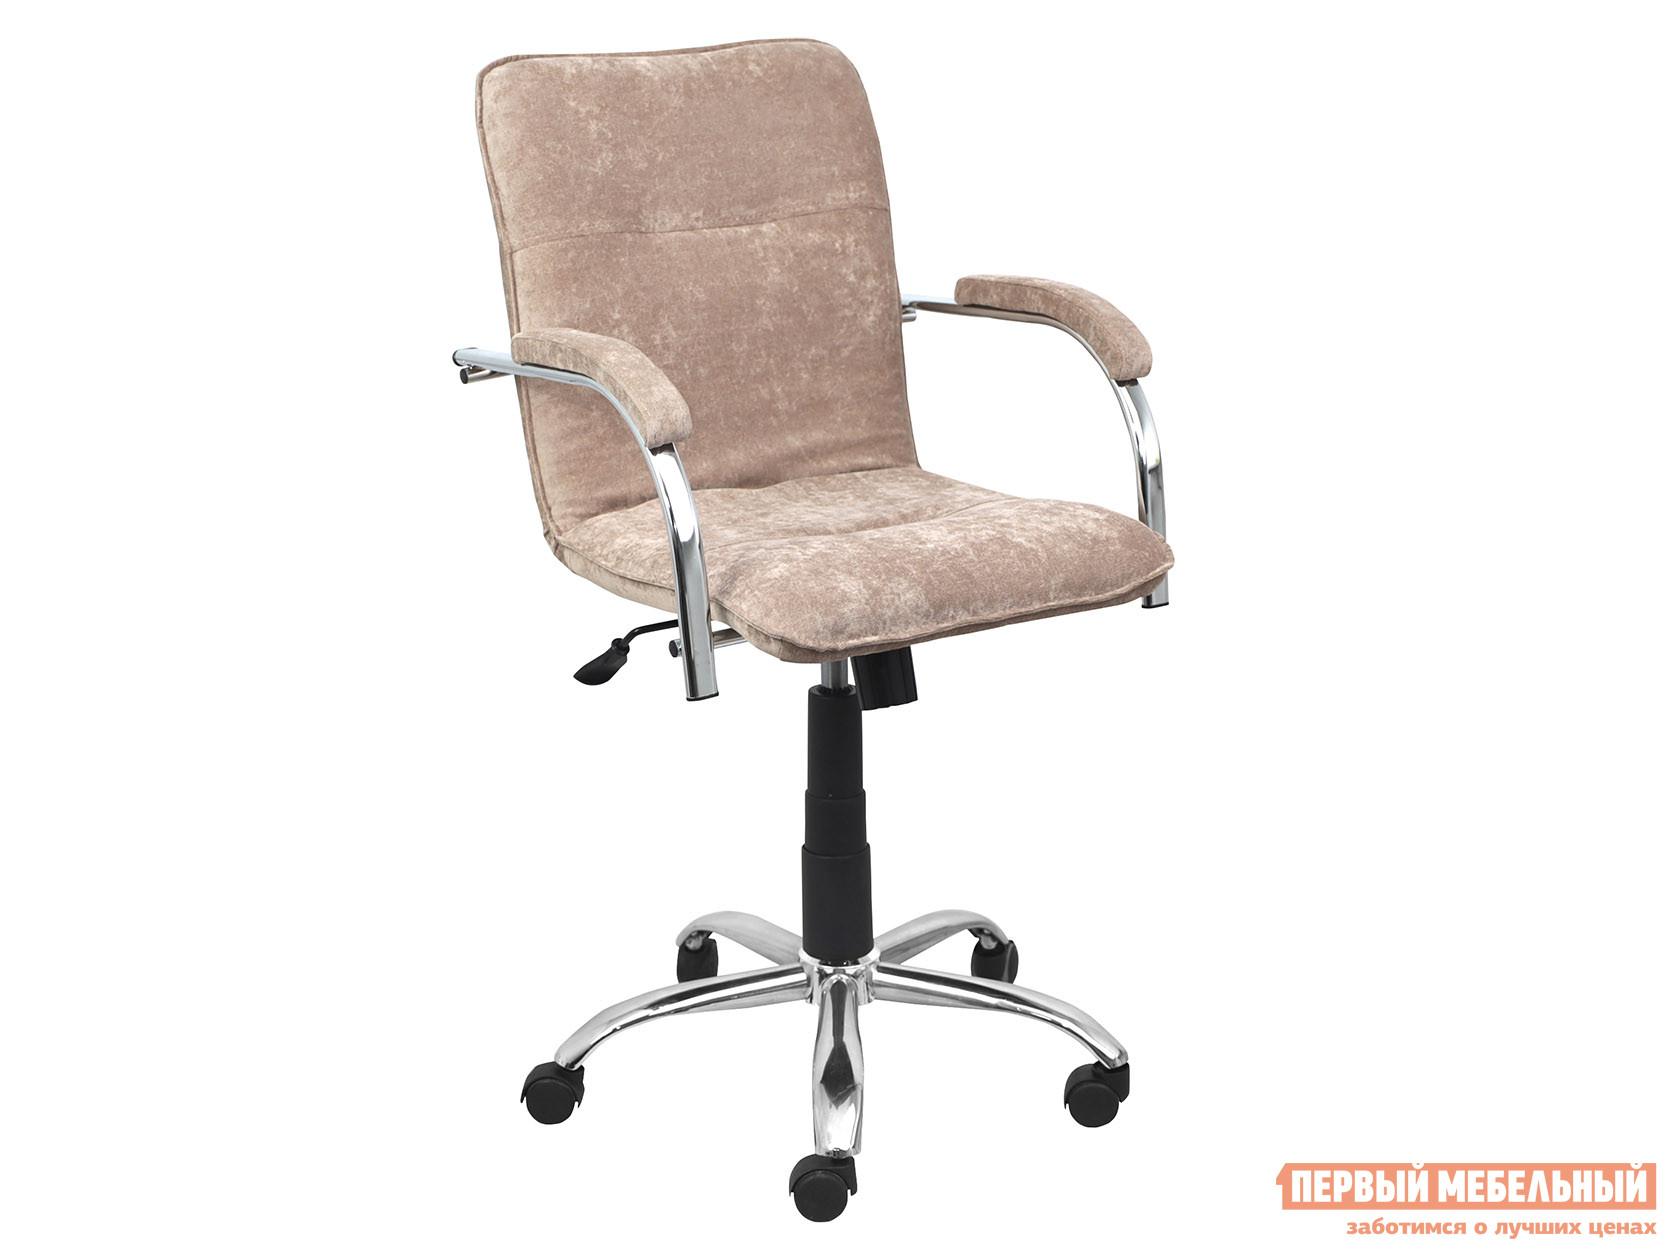 Офисное кресло  SAMBA AKS-2 Бежевый, велюр, Мягкие Базистрейд 137639